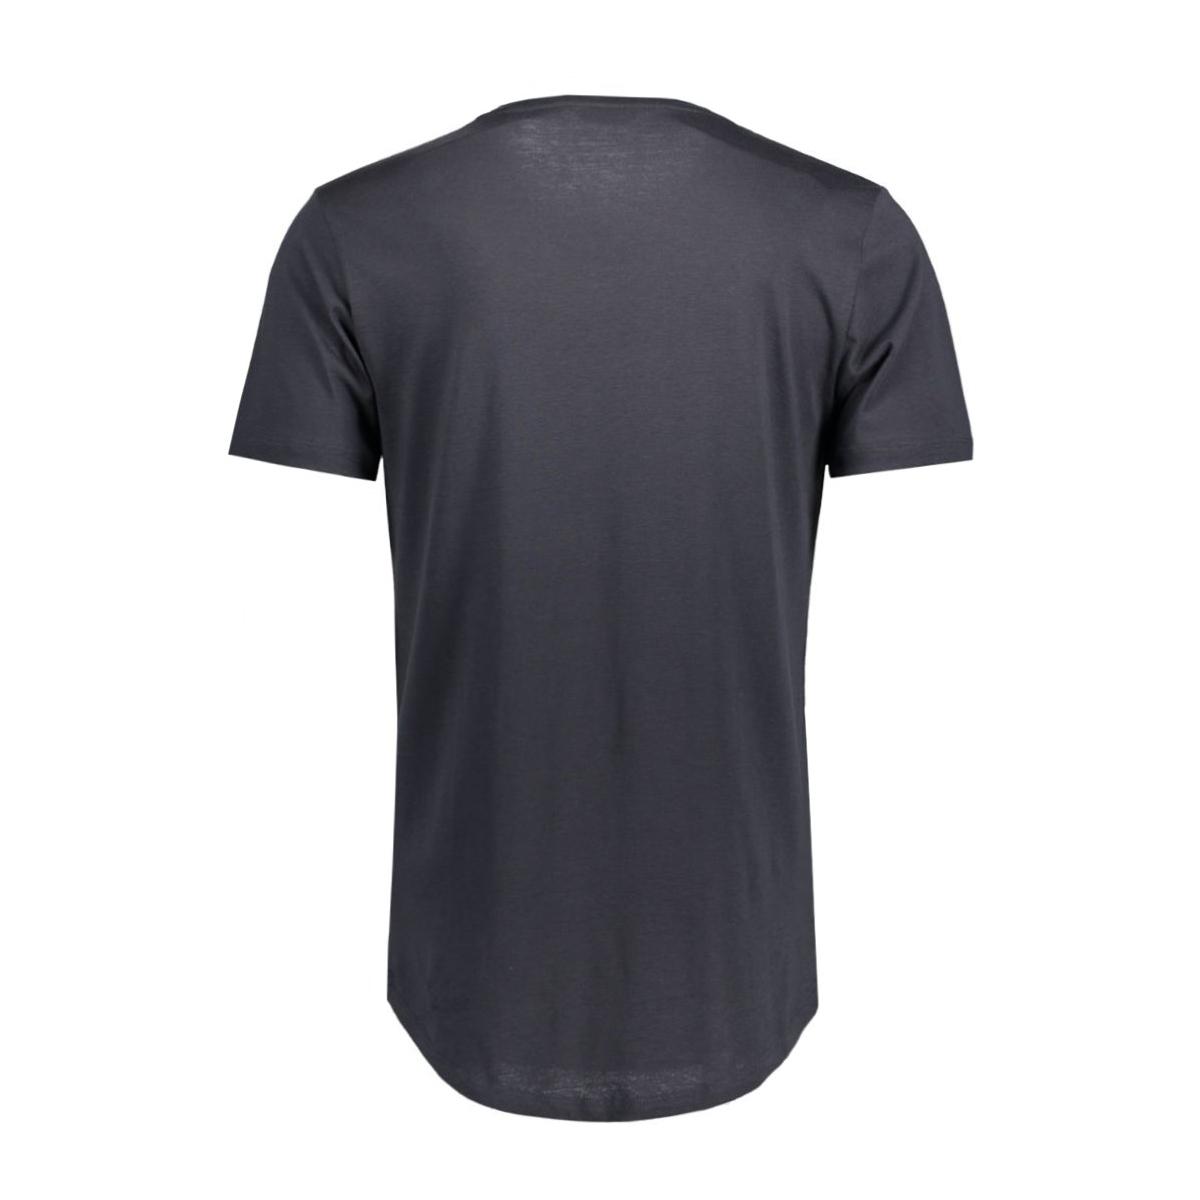 onsmatt longy ss tee noos 22002973 only & sons t-shirt dark navy